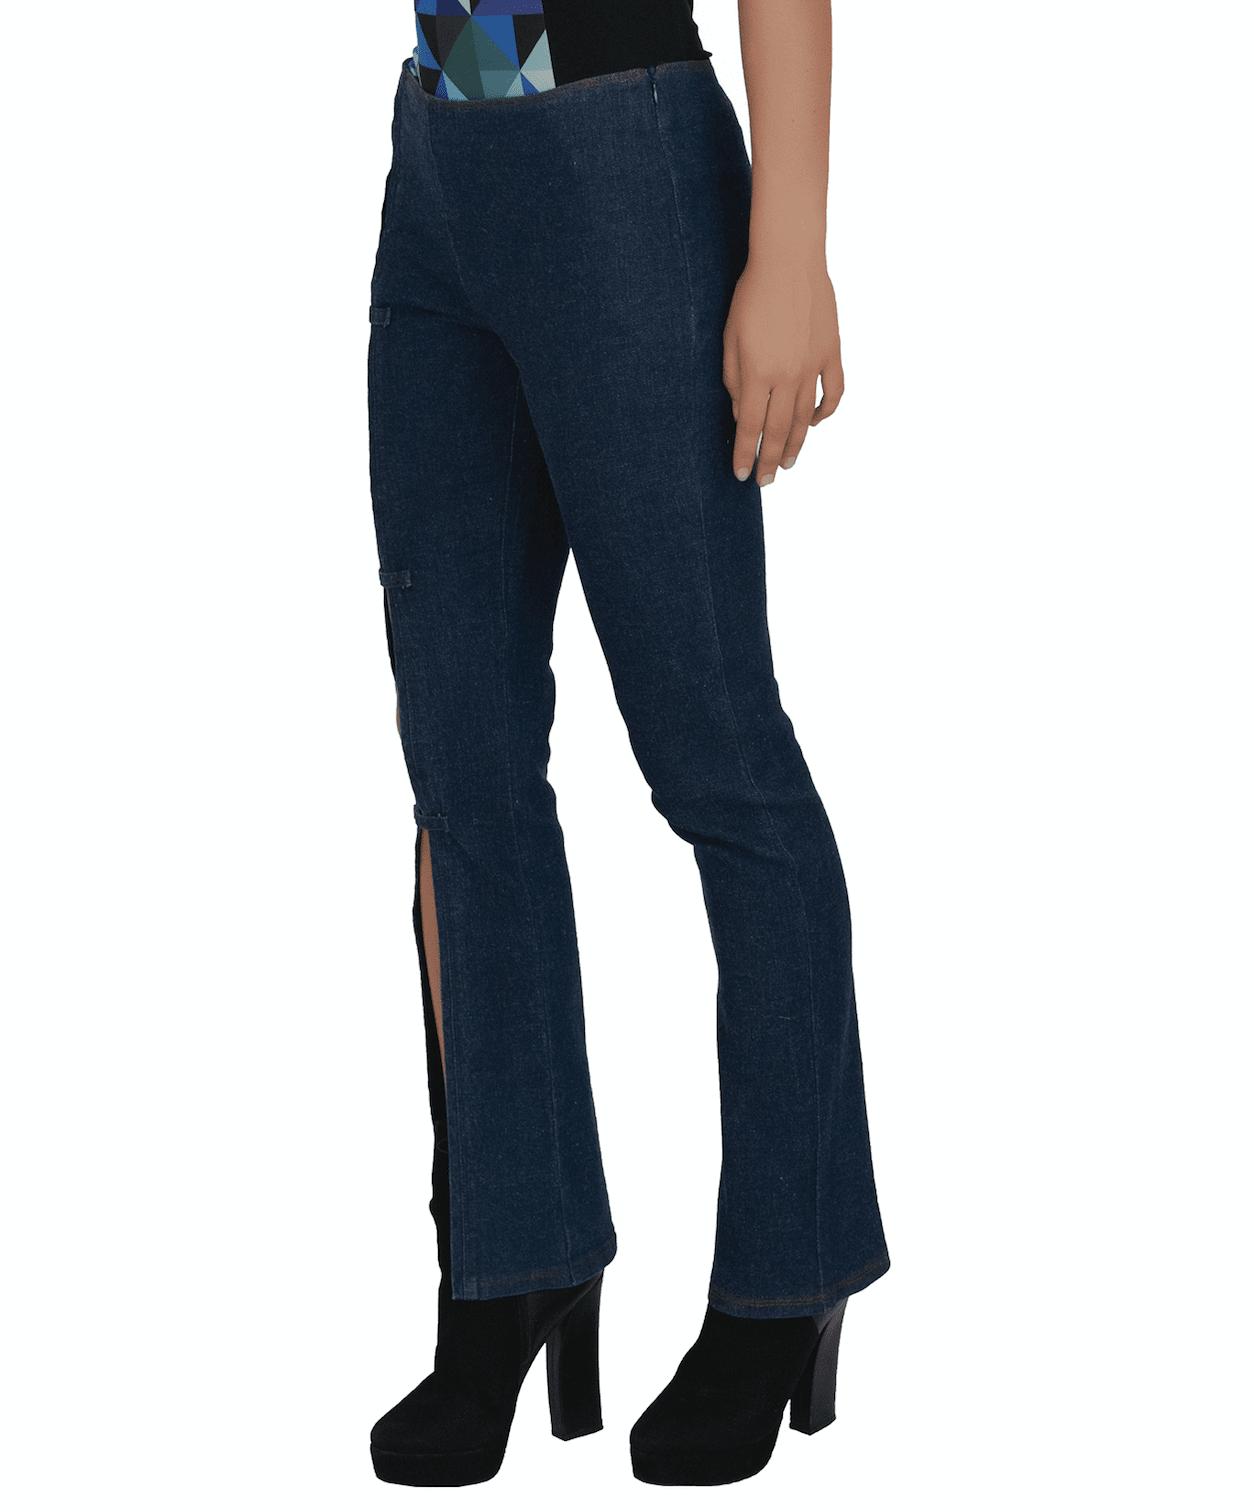 Trousers BEID 3